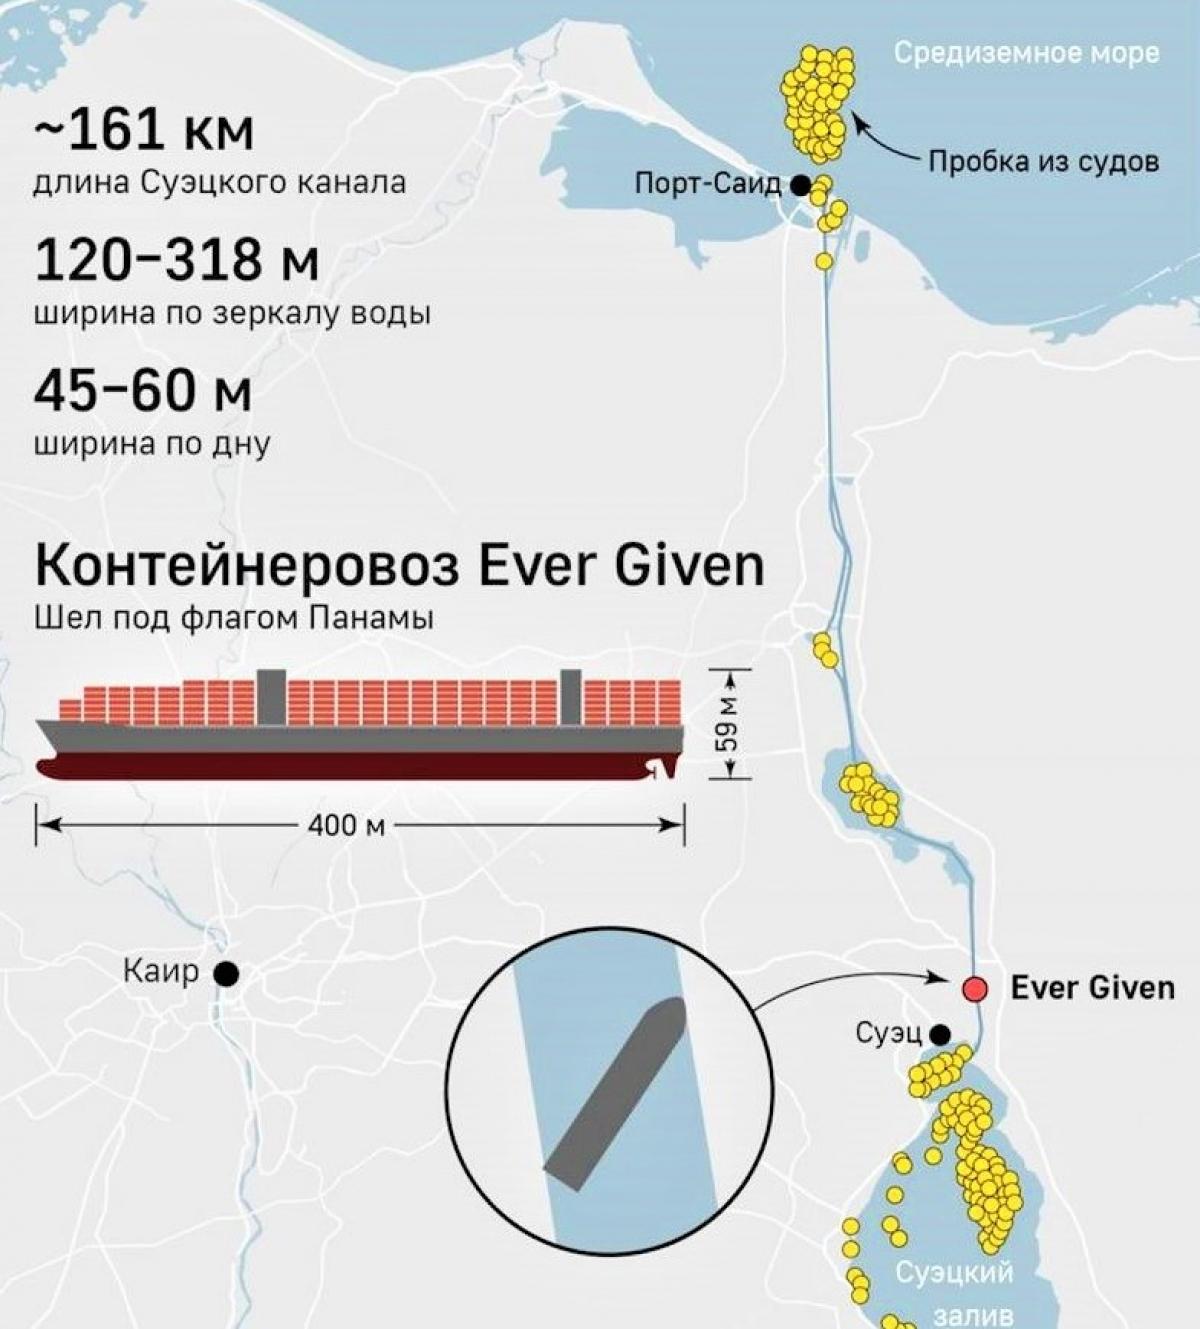 Tàu Ever Given mắc cạn đã làm đình trệ kênh đào Suez; Nguồn: naukatehnika.com